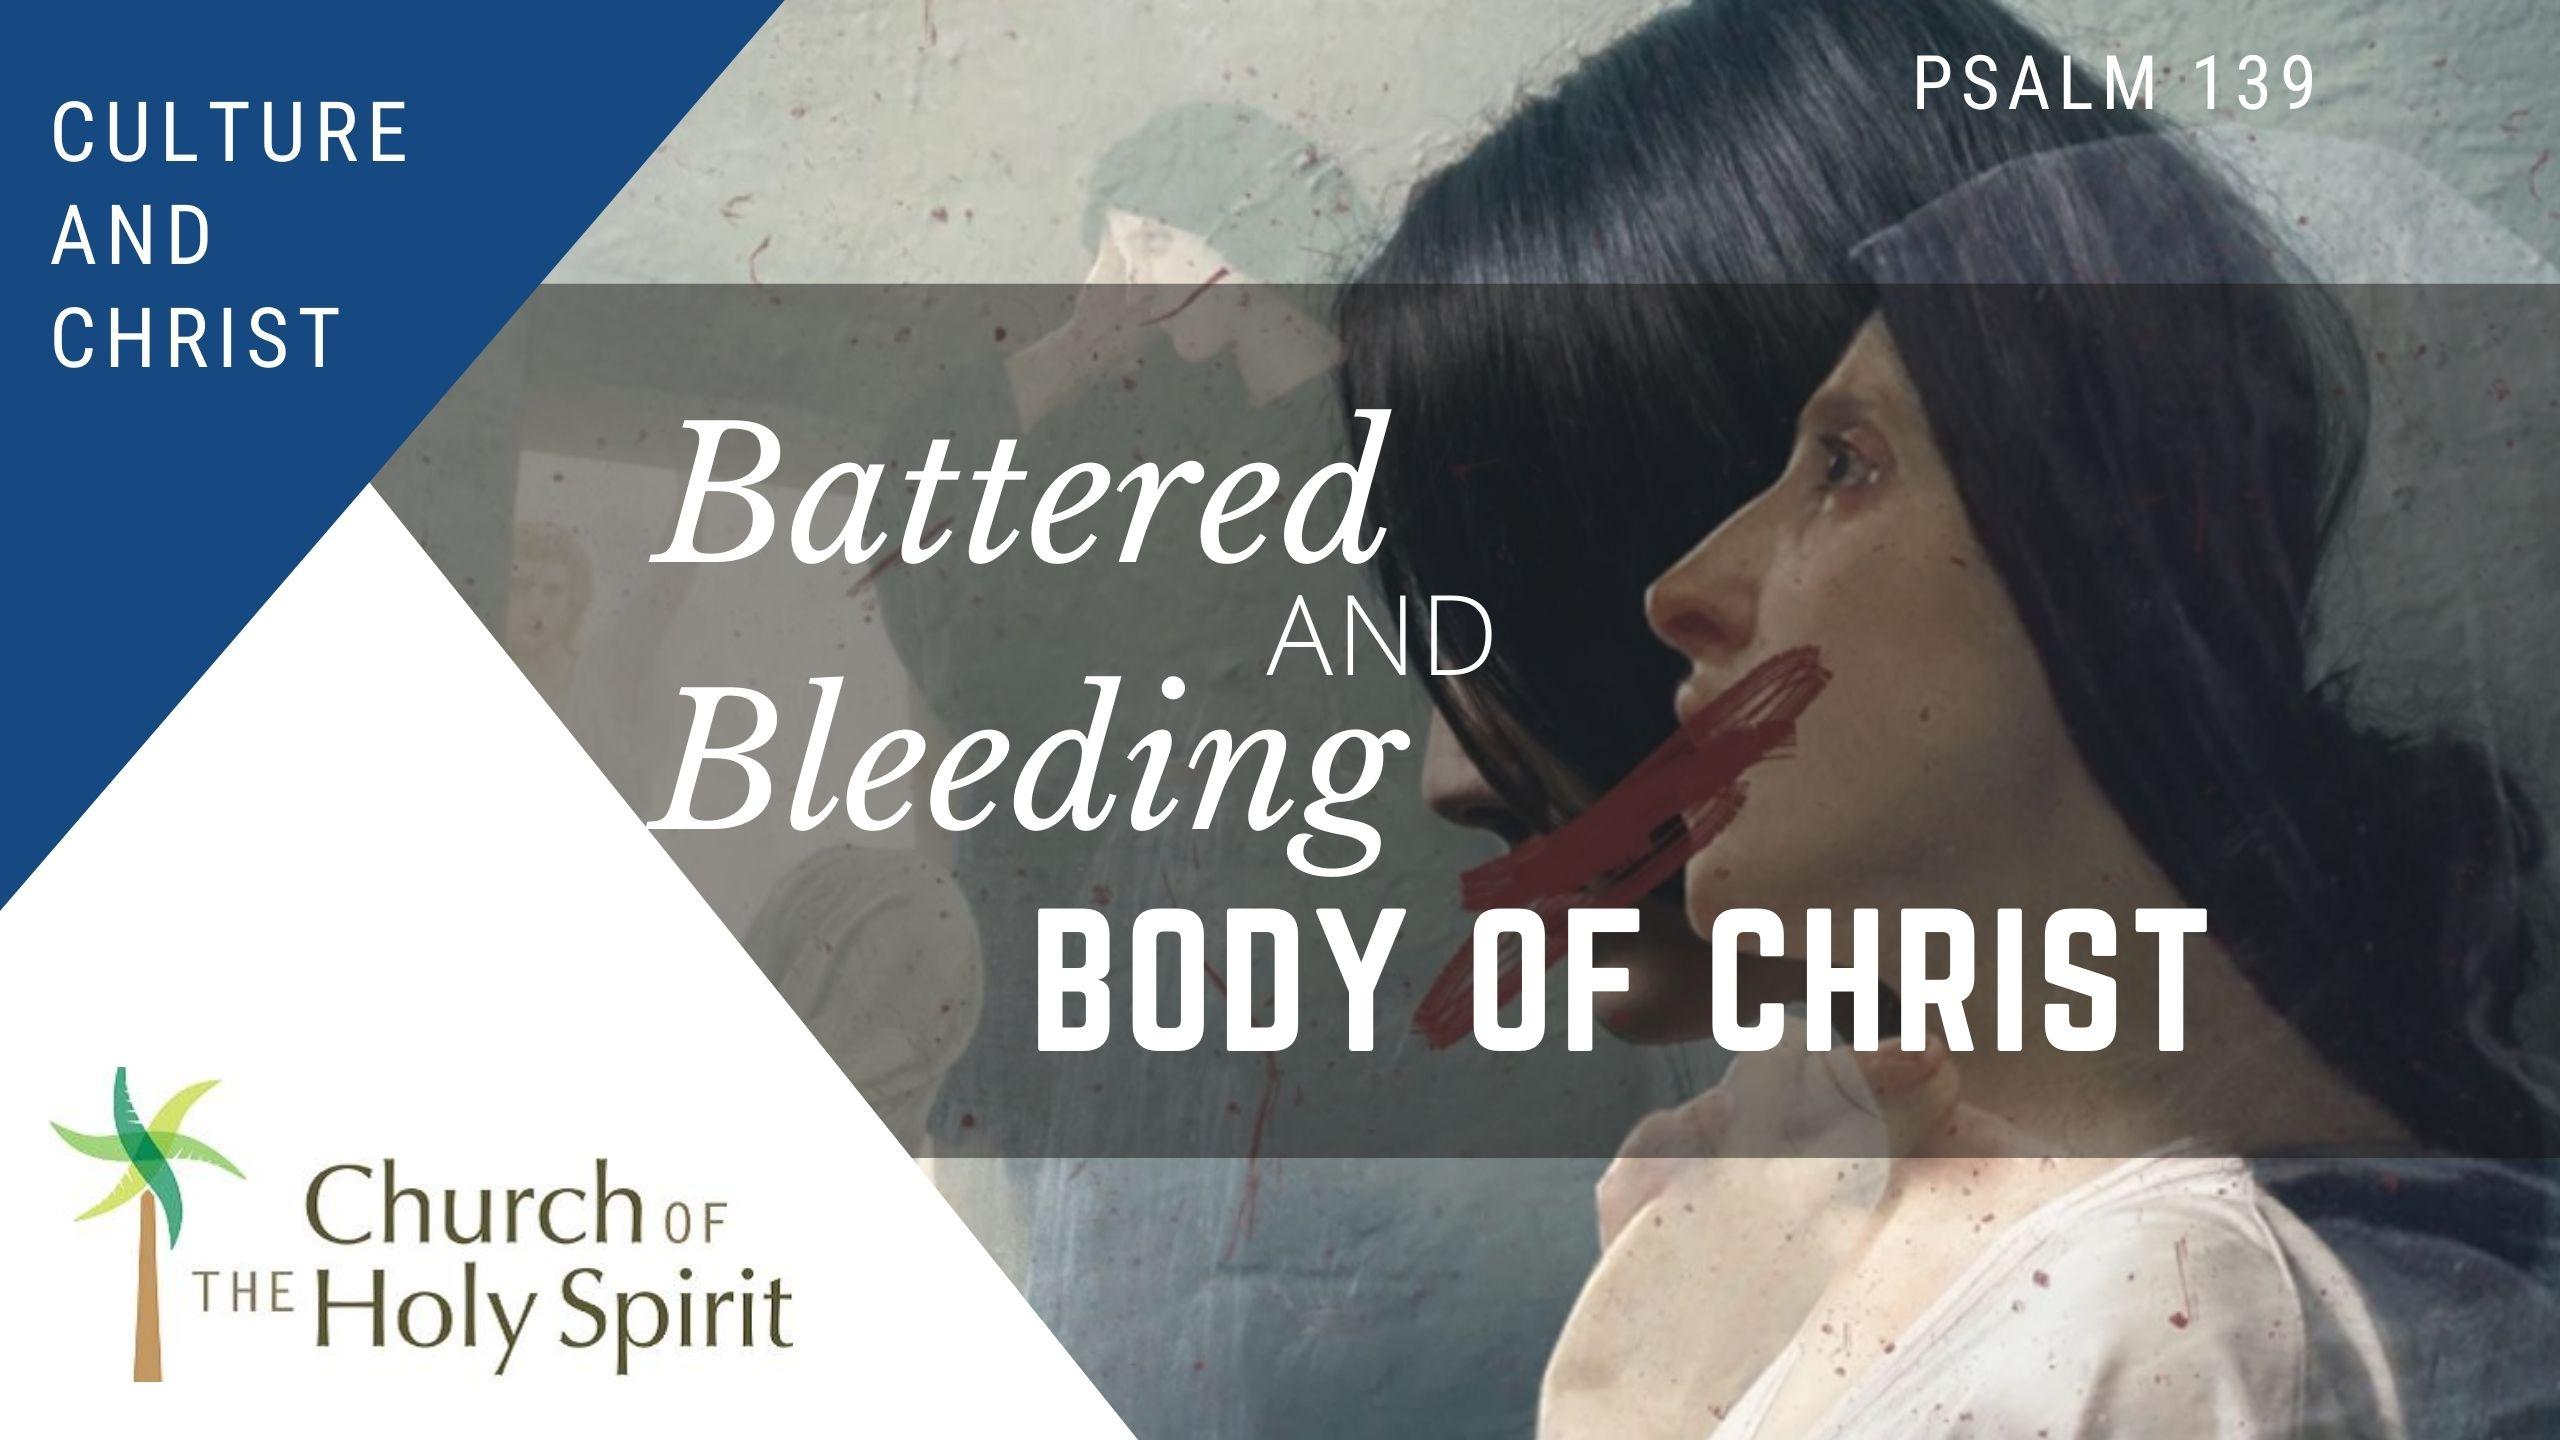 Battered and bleeding body of Christ